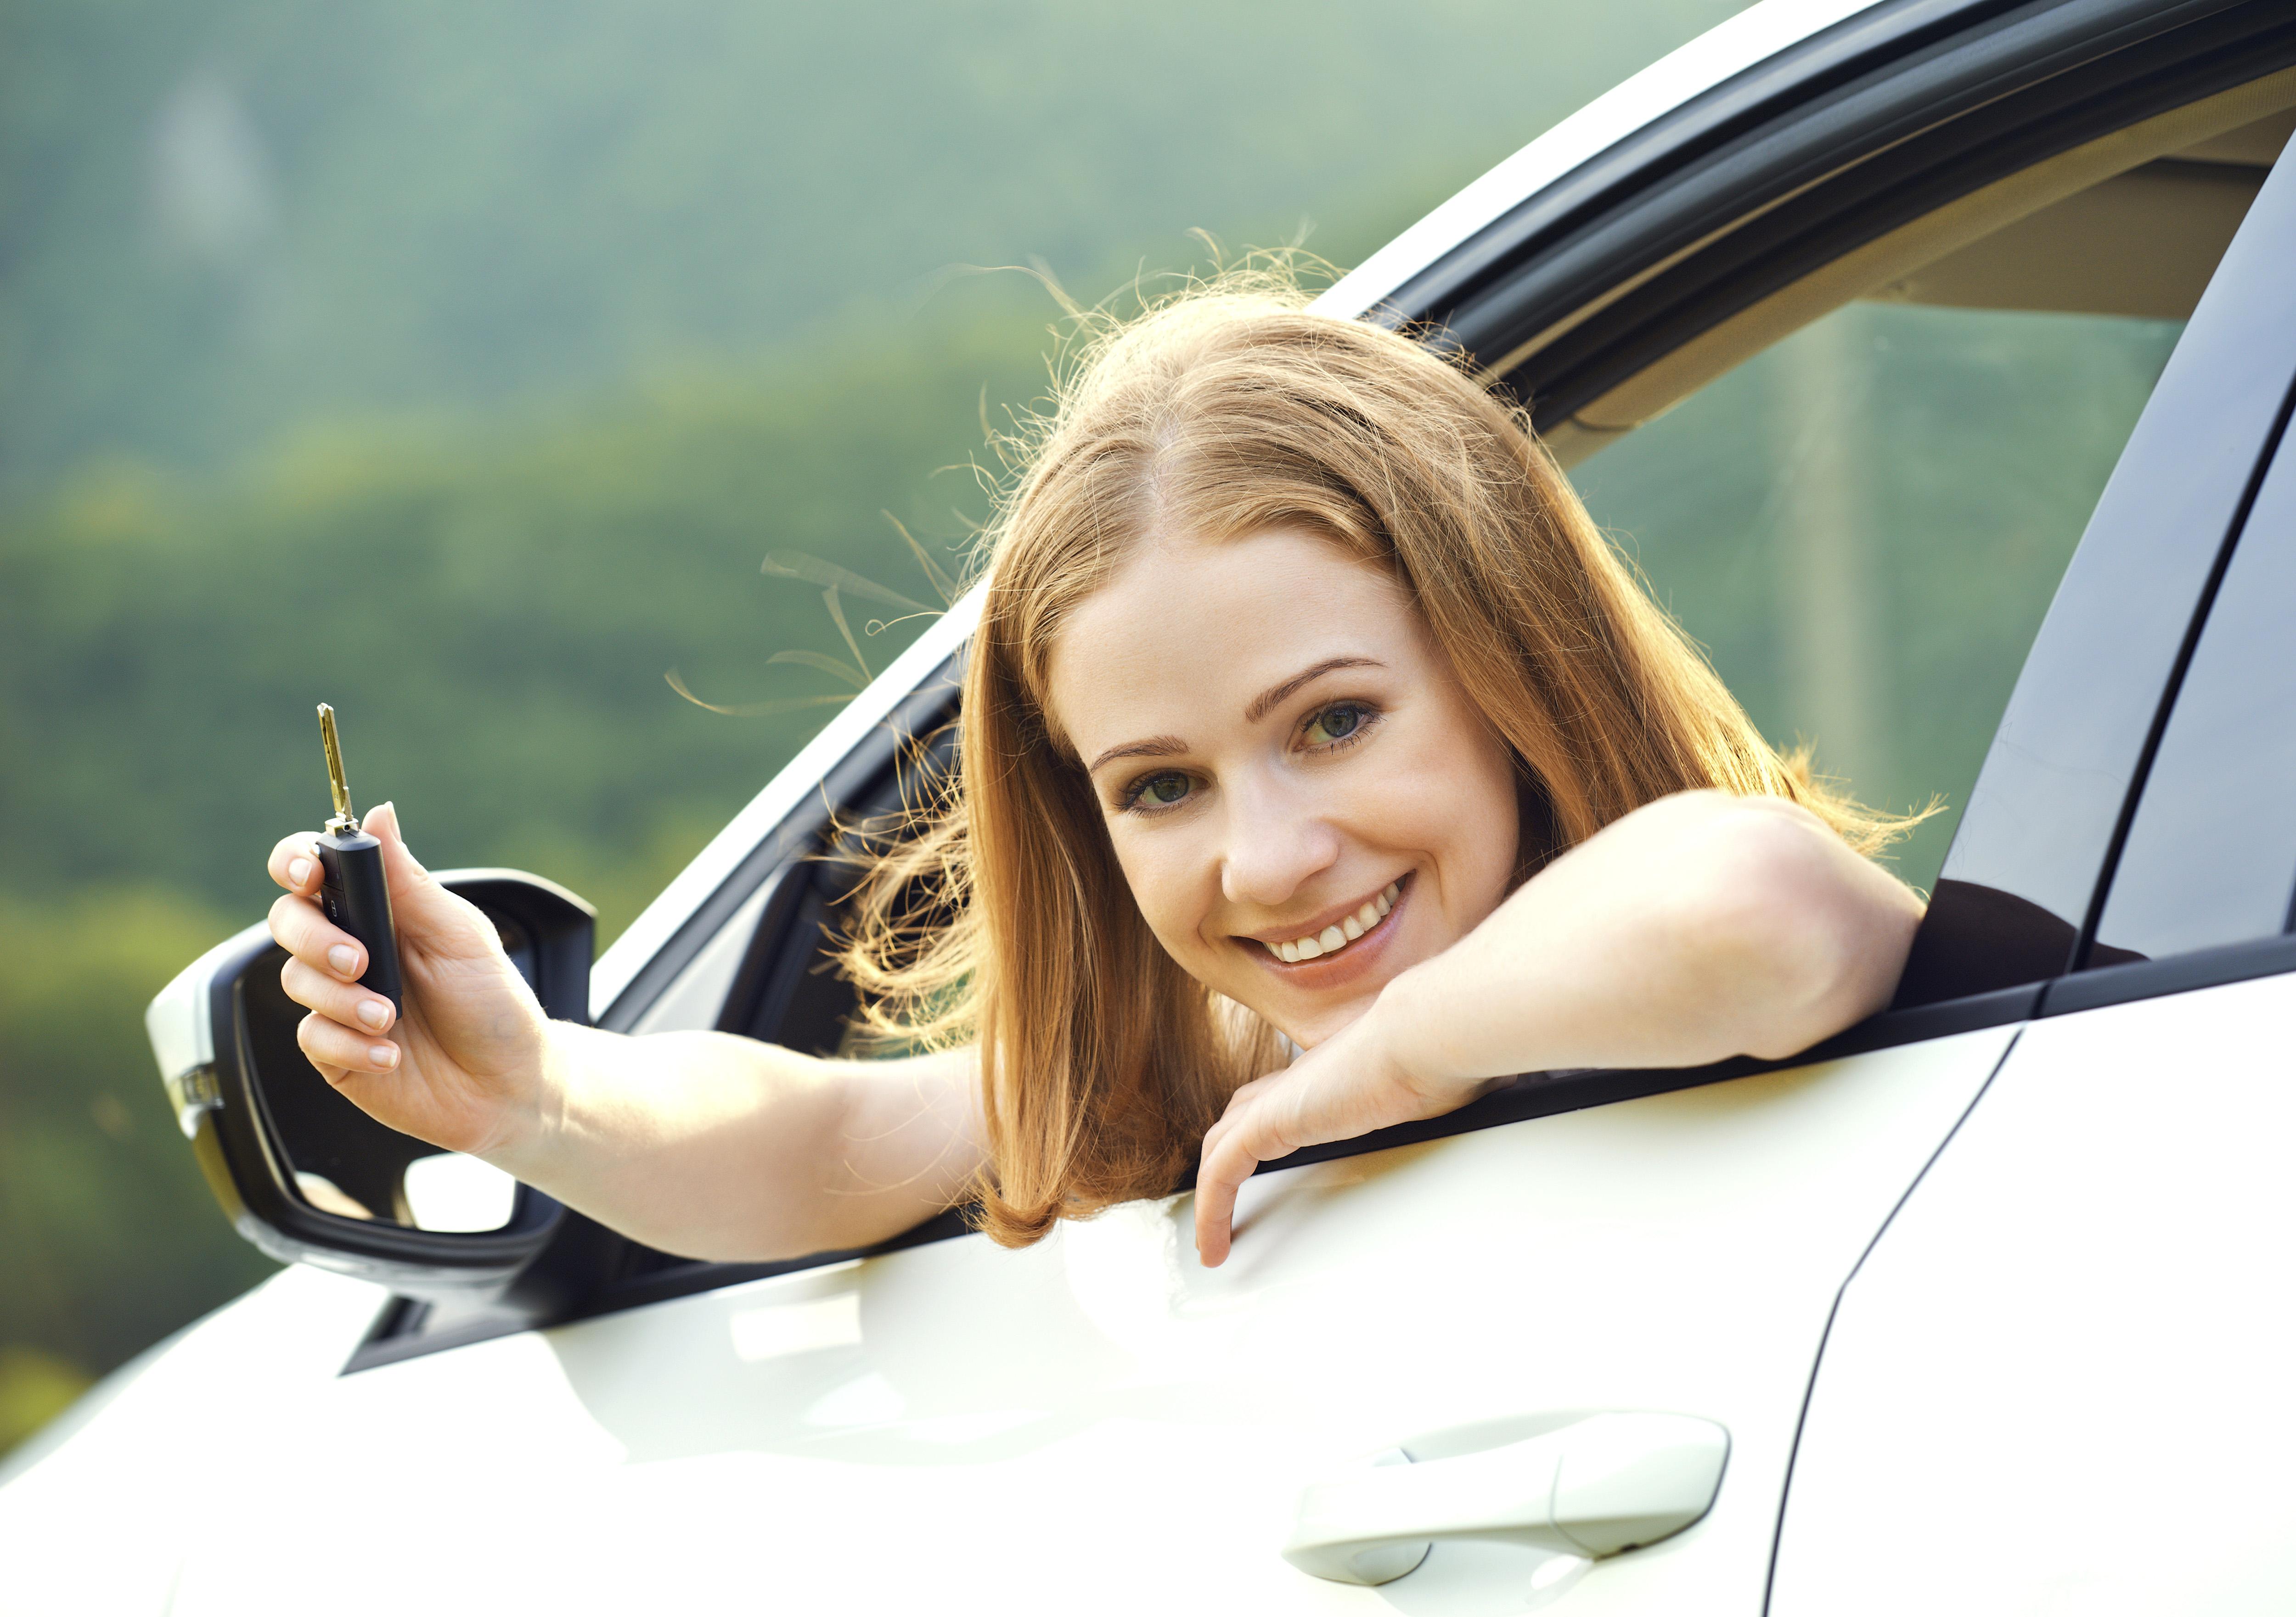 Lächelnde Frau am Steuer lehnt sich aus dem Autofenster mit Autoschlüssel in der Hand